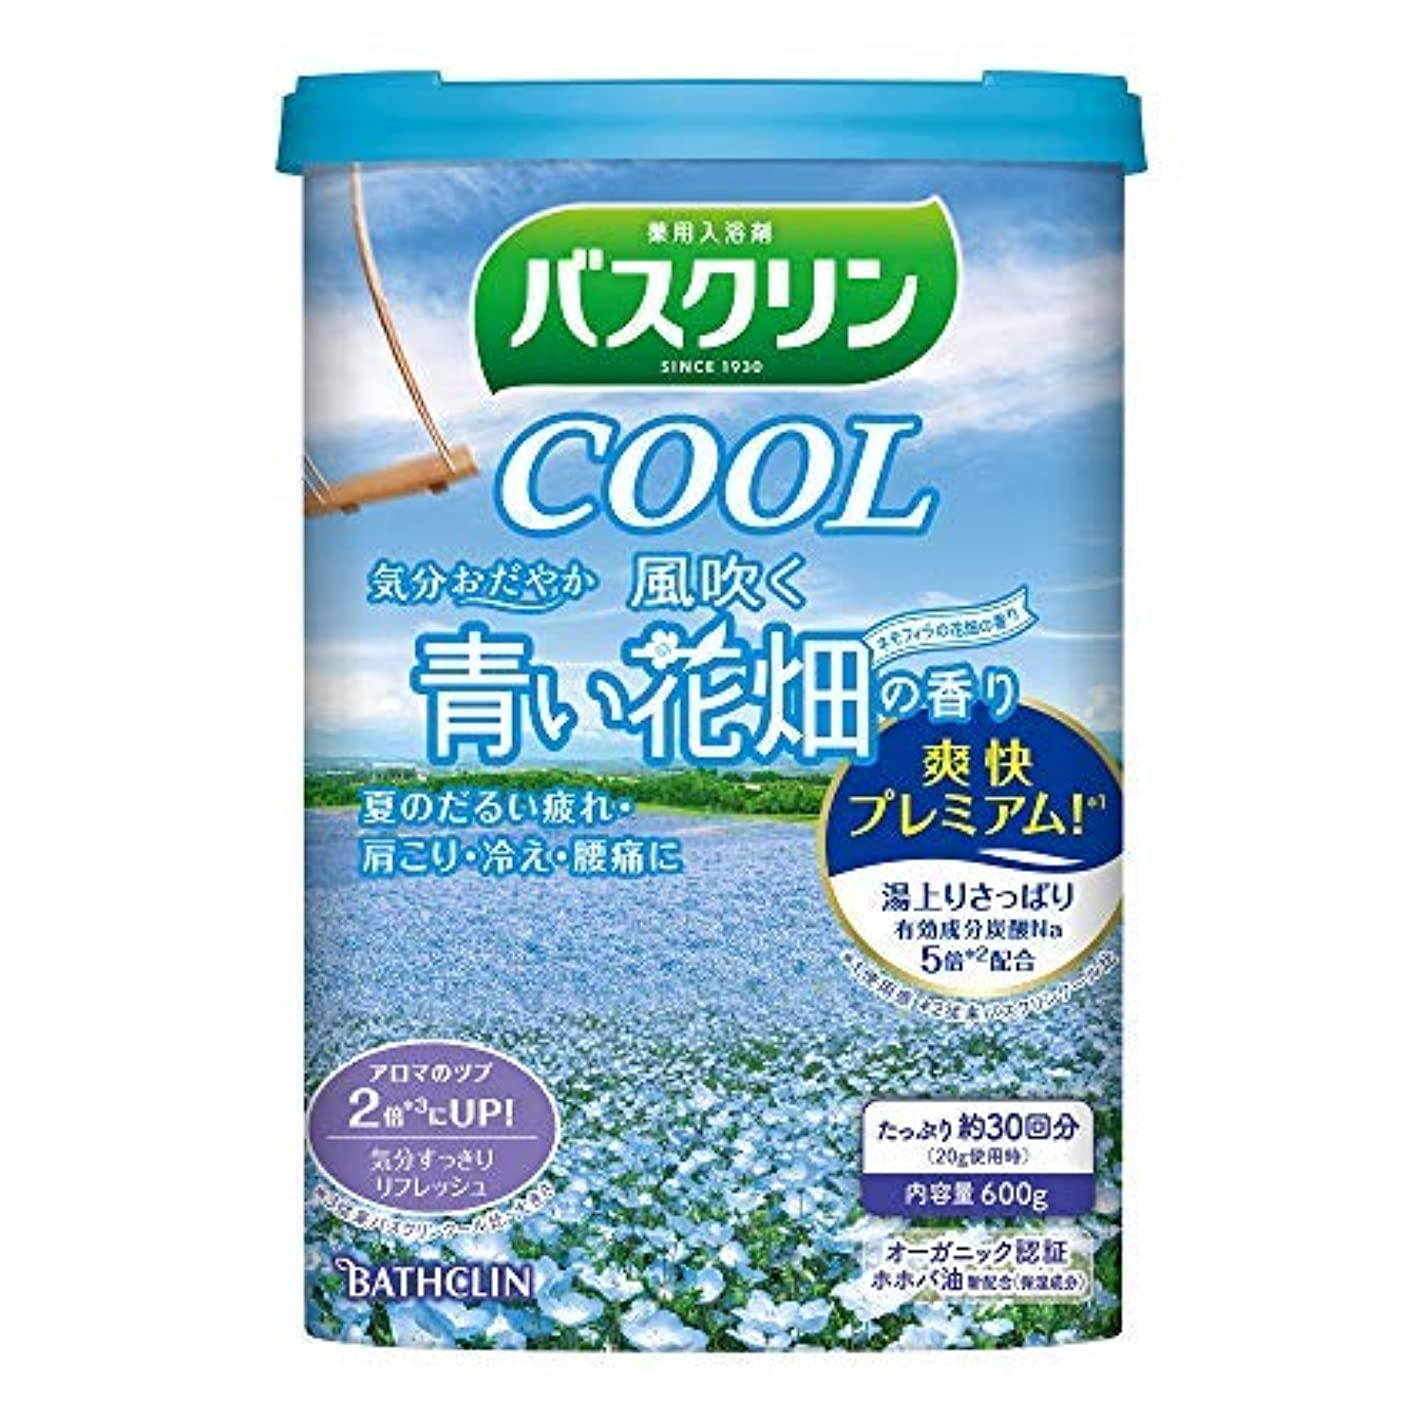 構想する歯痛建設バスクリンクール 風吹く青い花畑の香り 600g × 5個セット